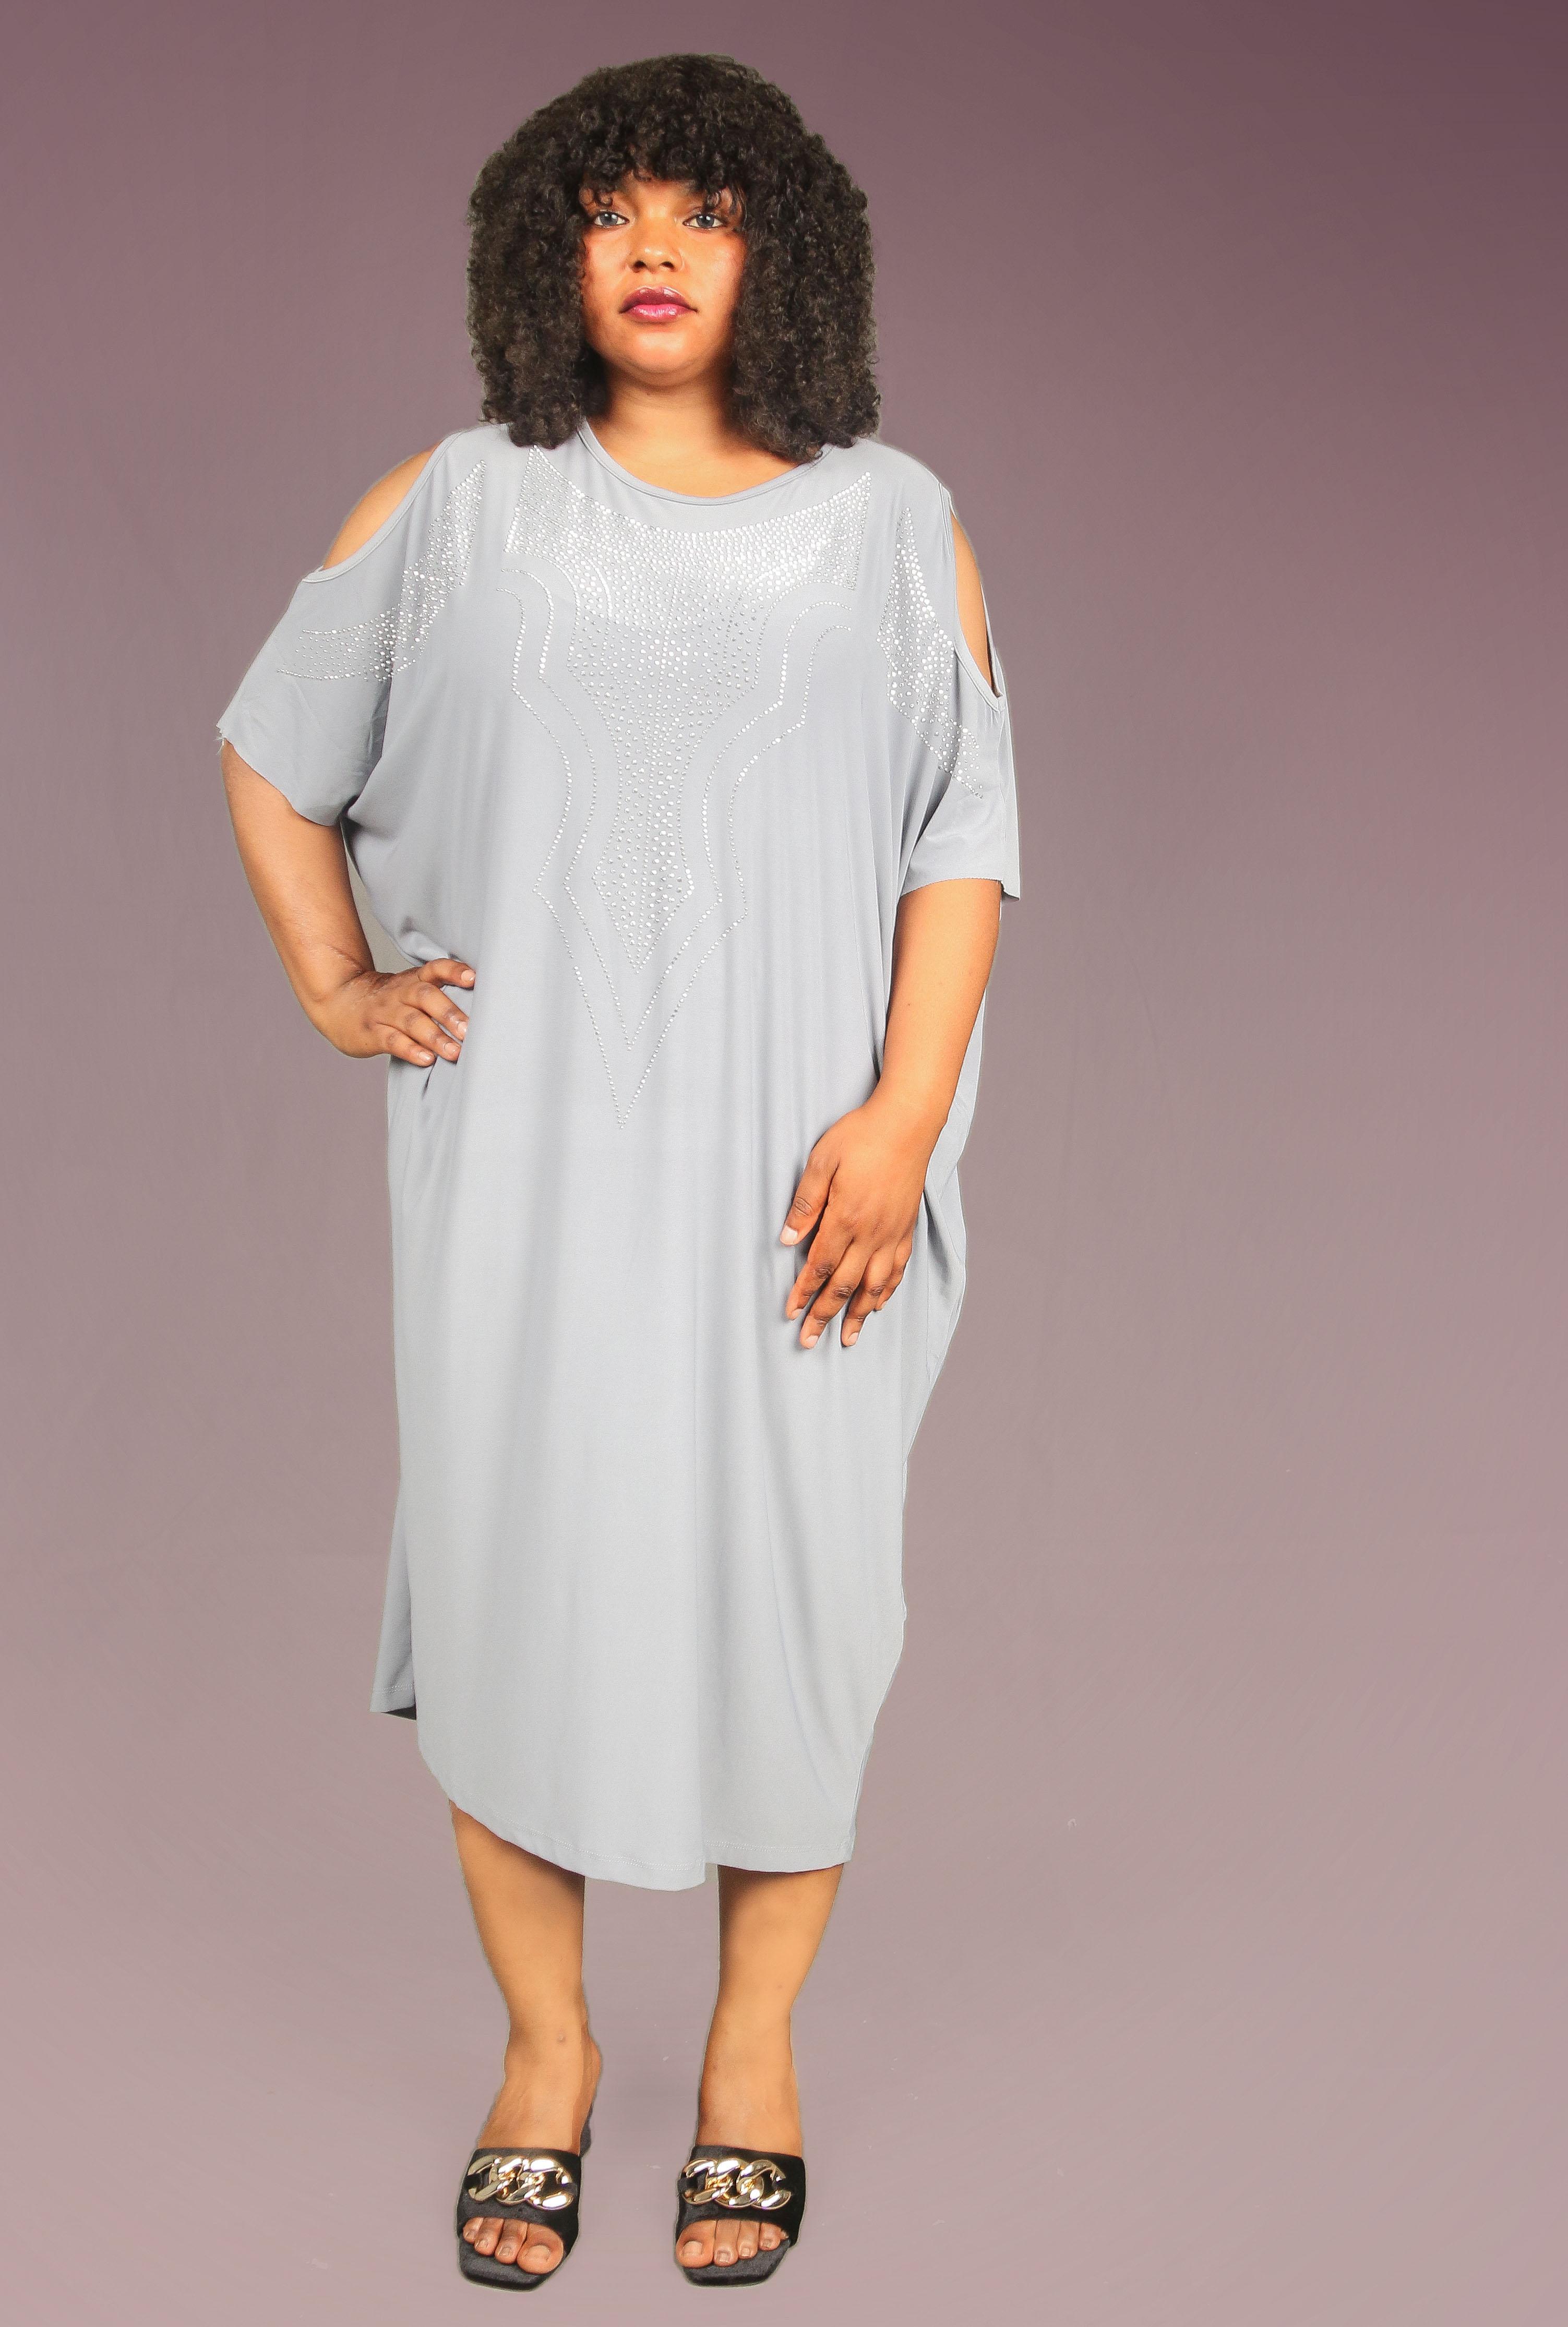 Calista Ash Embellished Dress